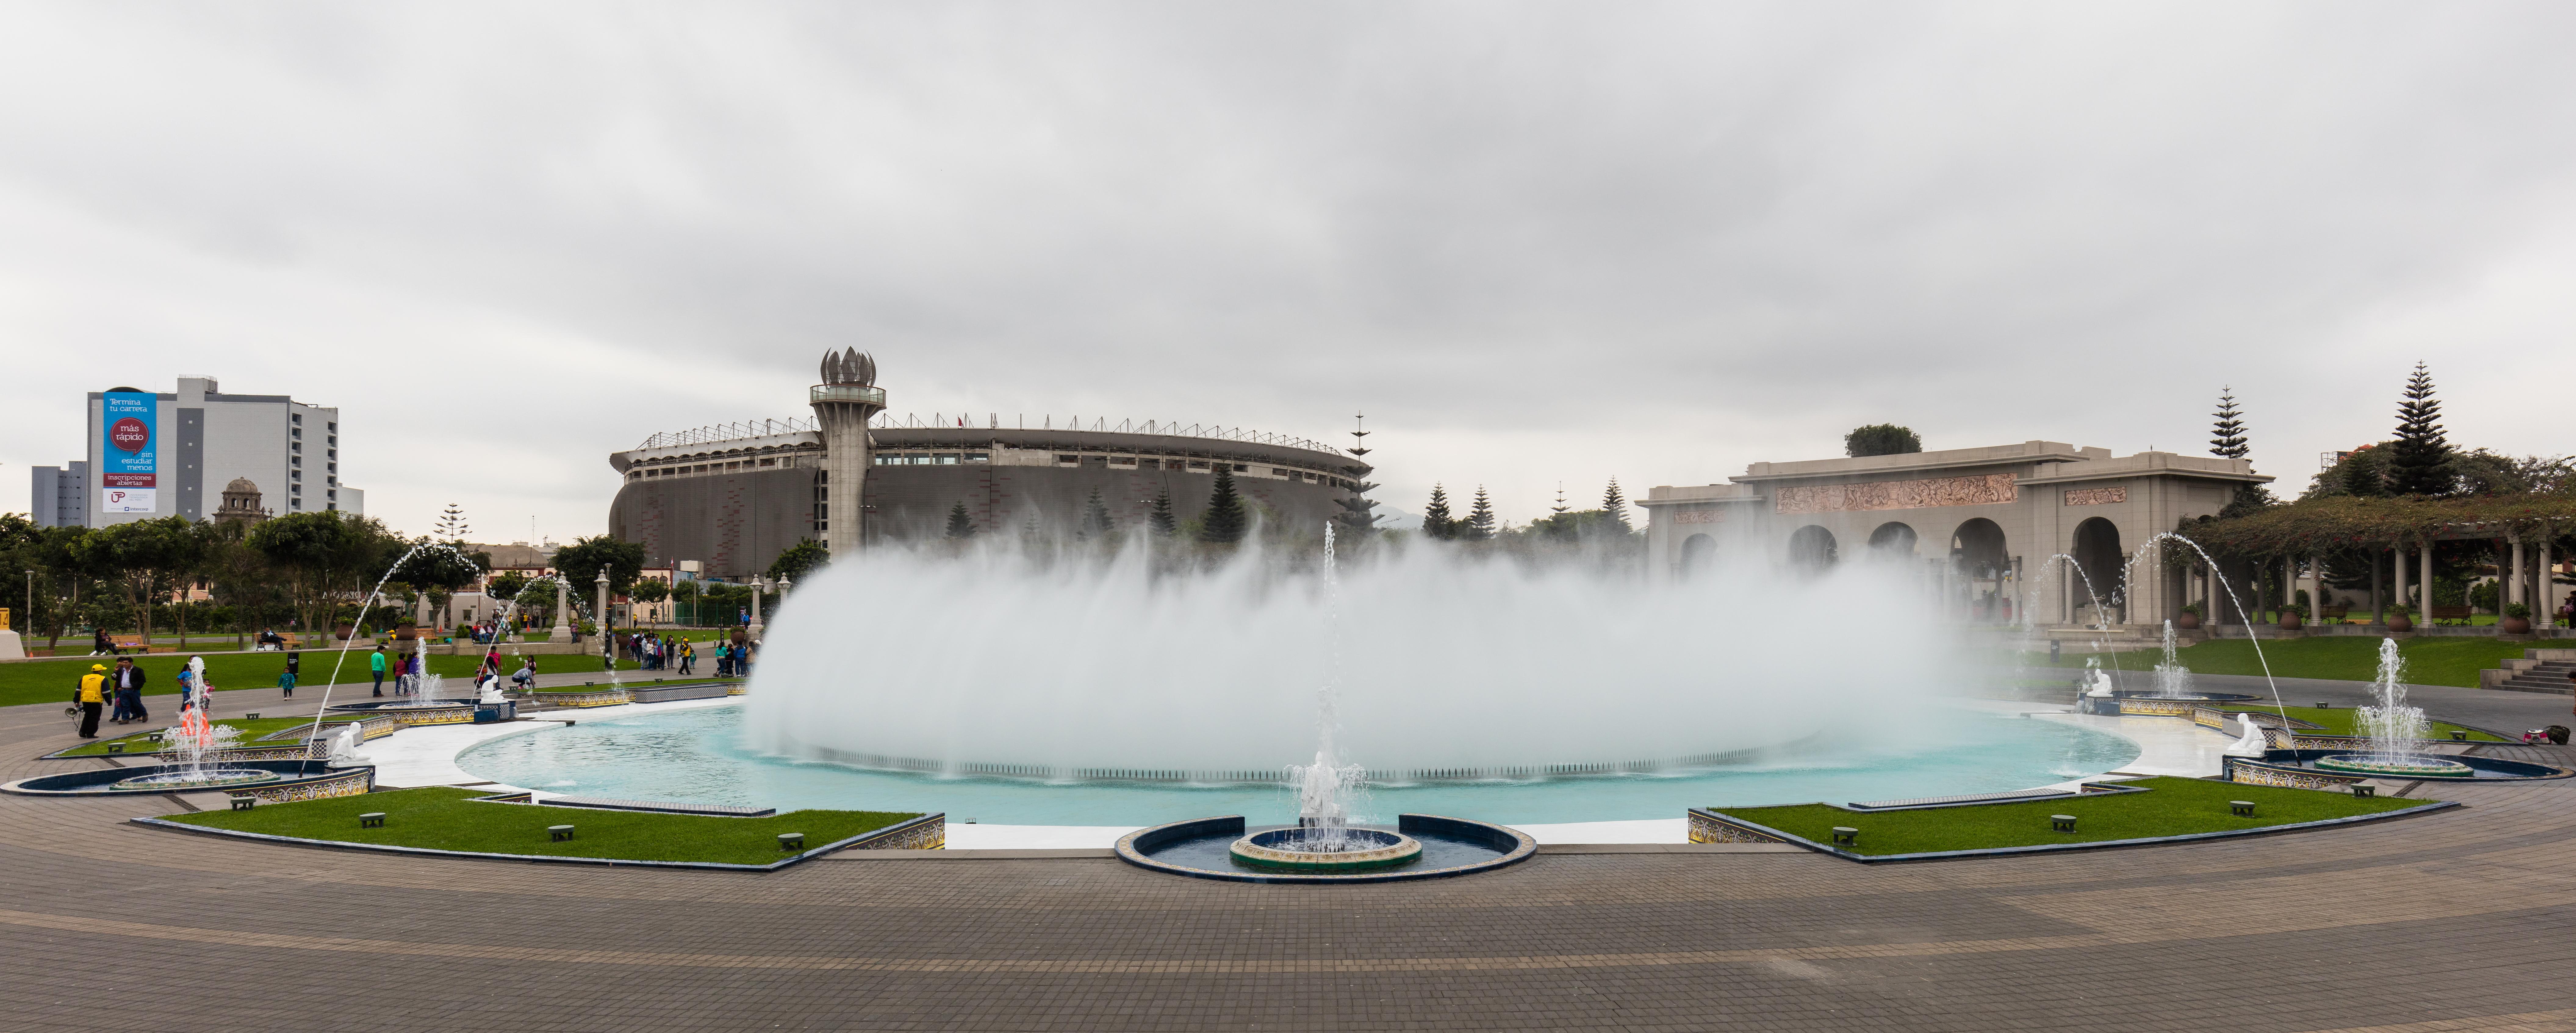 Water fountains lima - Circuito M Gico Del Agua Parque Reserva Lima Per 2015 07